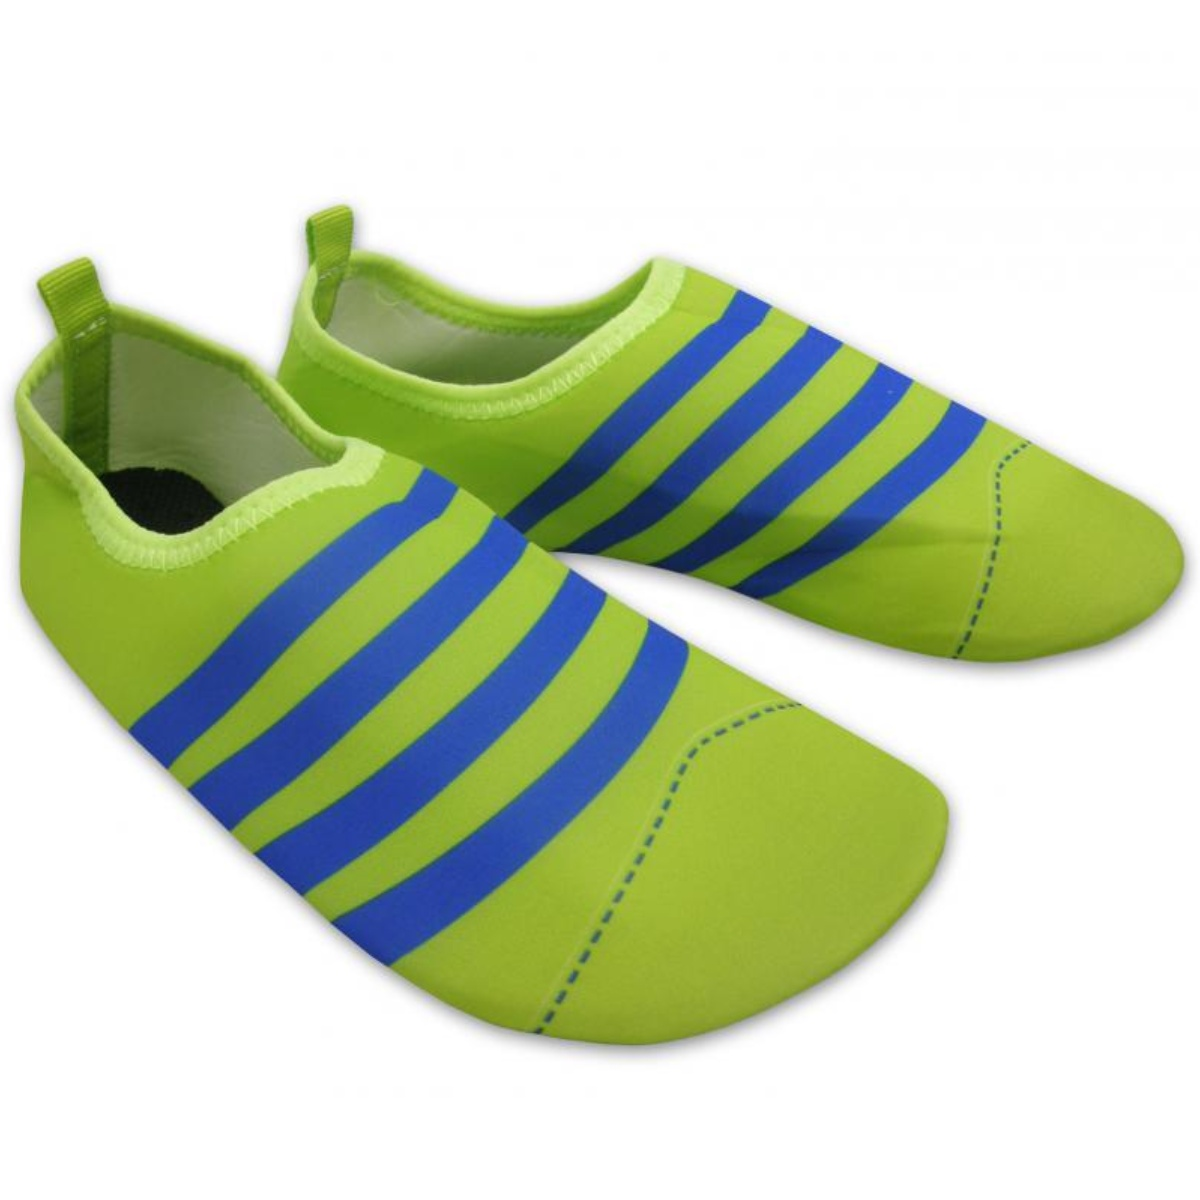 Topánky do vody SEDCO Strips zelené - veľ. 45-46